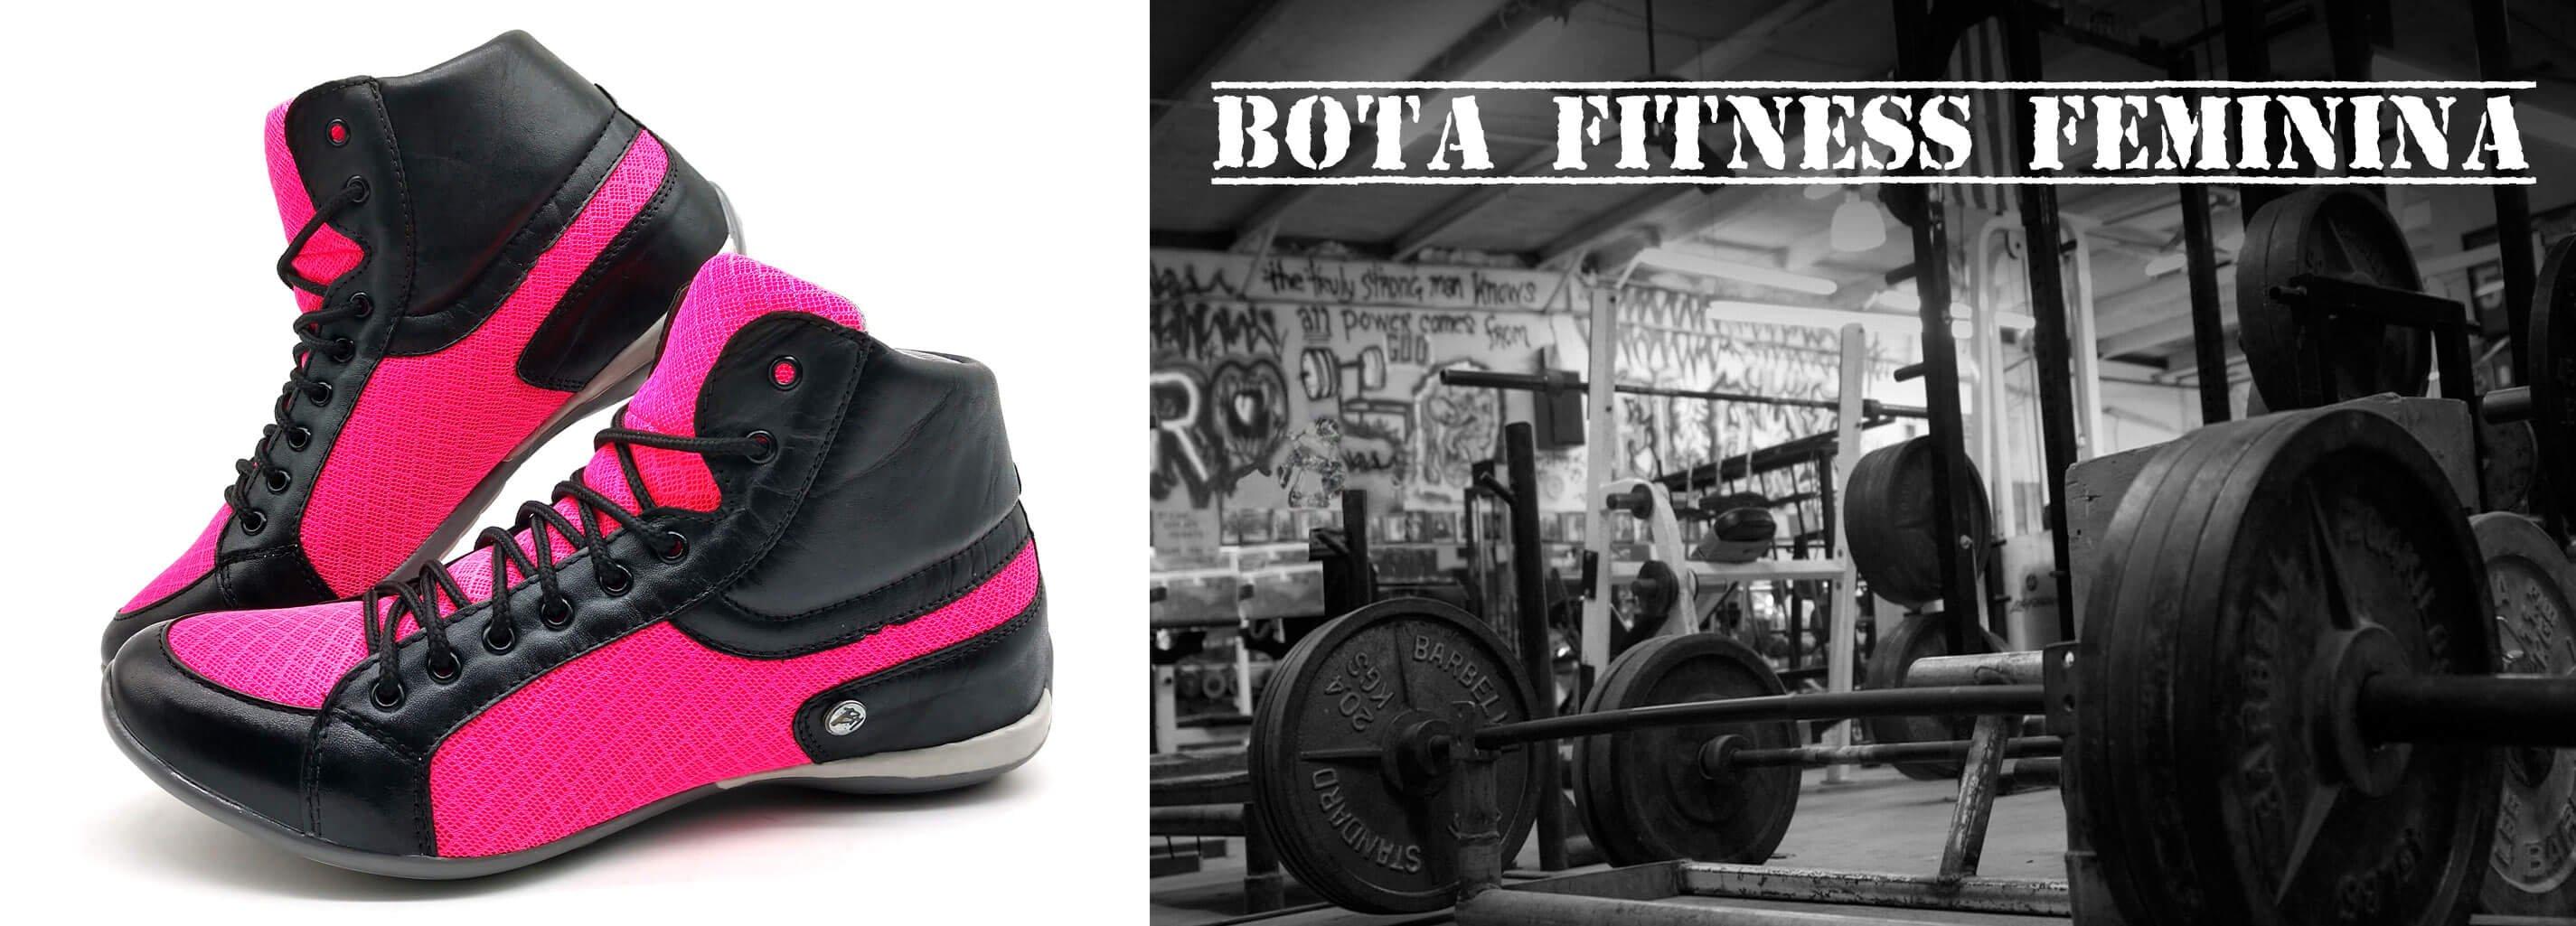 Feminino Fitness